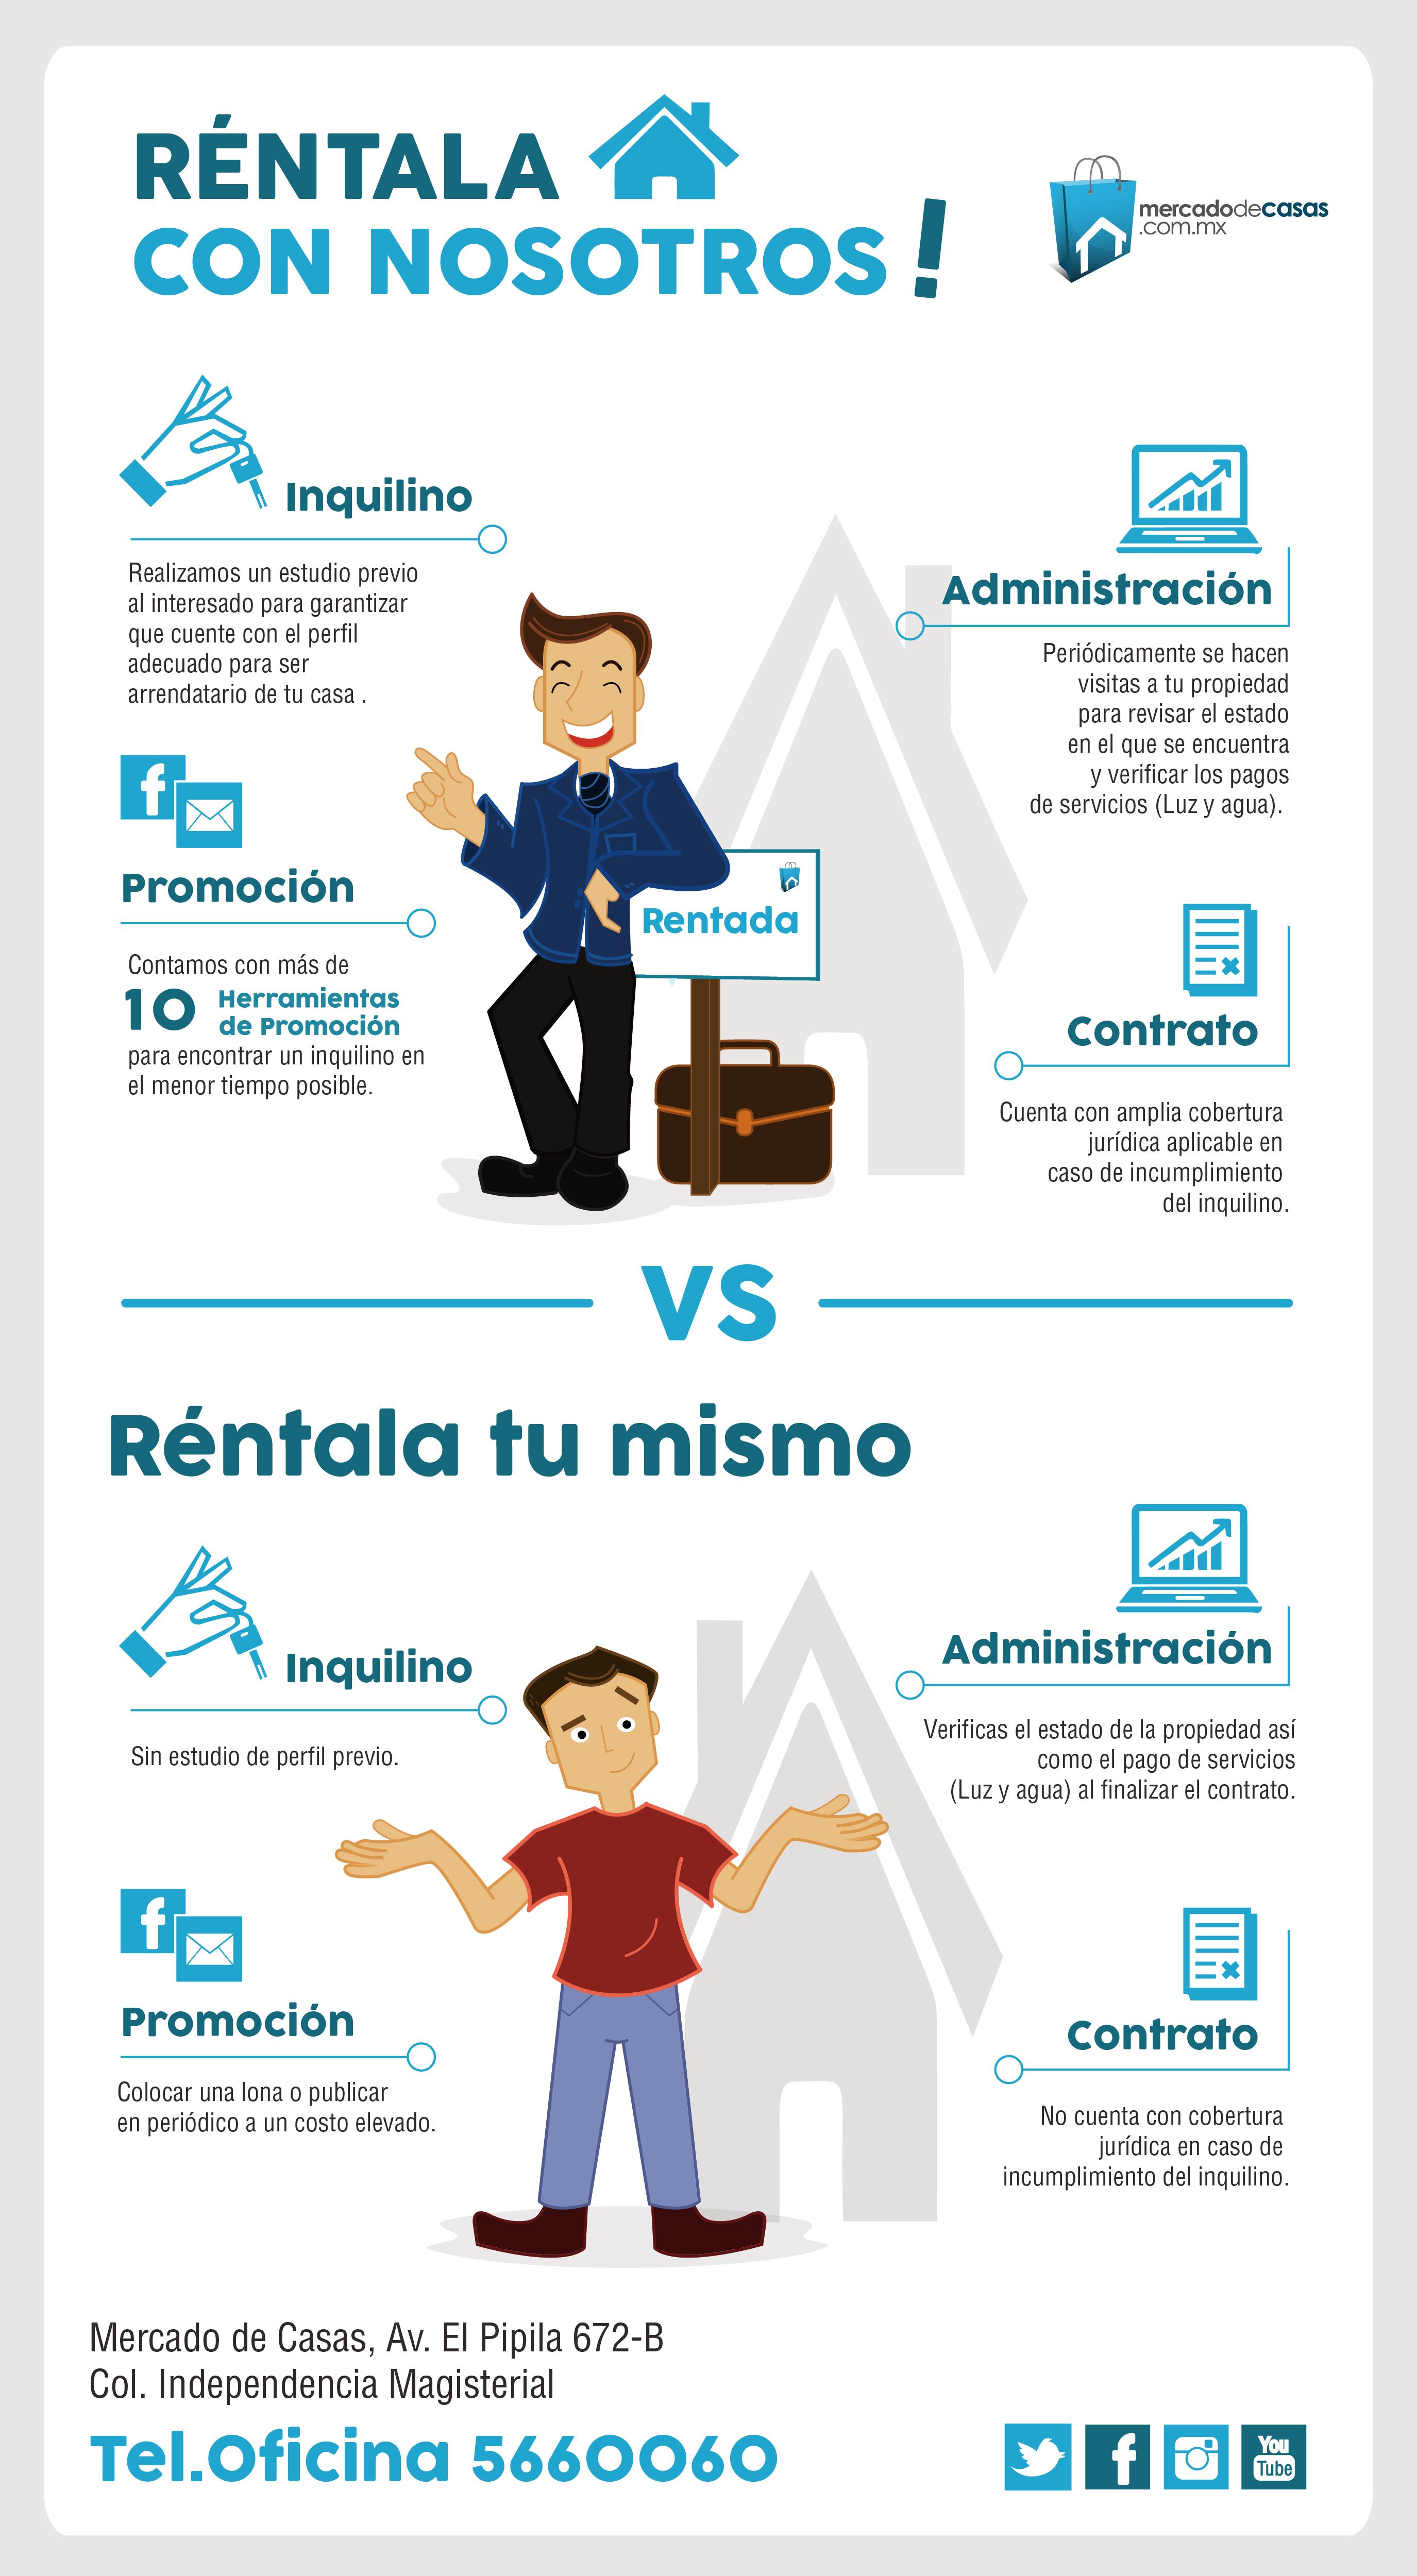 infografia_mercado_de_casas1-04.jpg